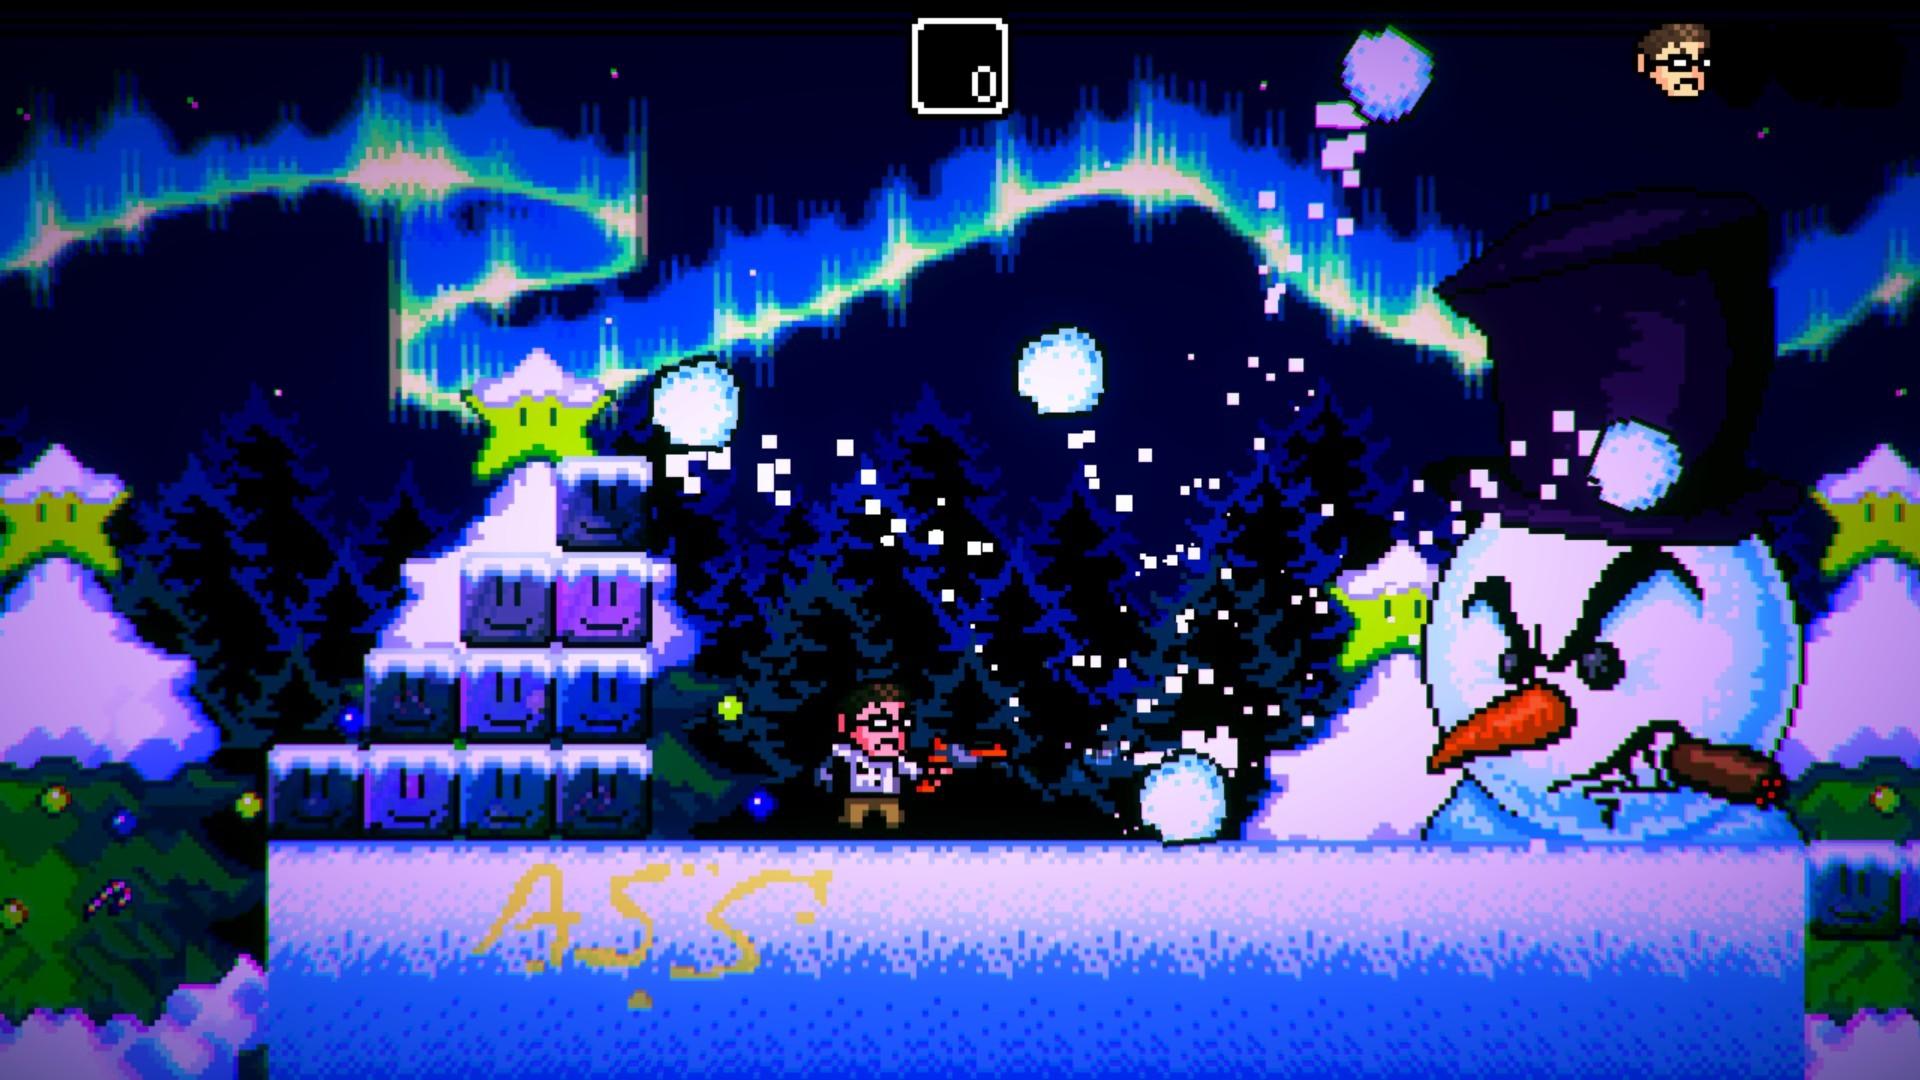 Le niveau de Noël est inspiré par un des nombreux vidéos que le Nerd a produit pour couvrir des jeux basés sur la période des Fêtes